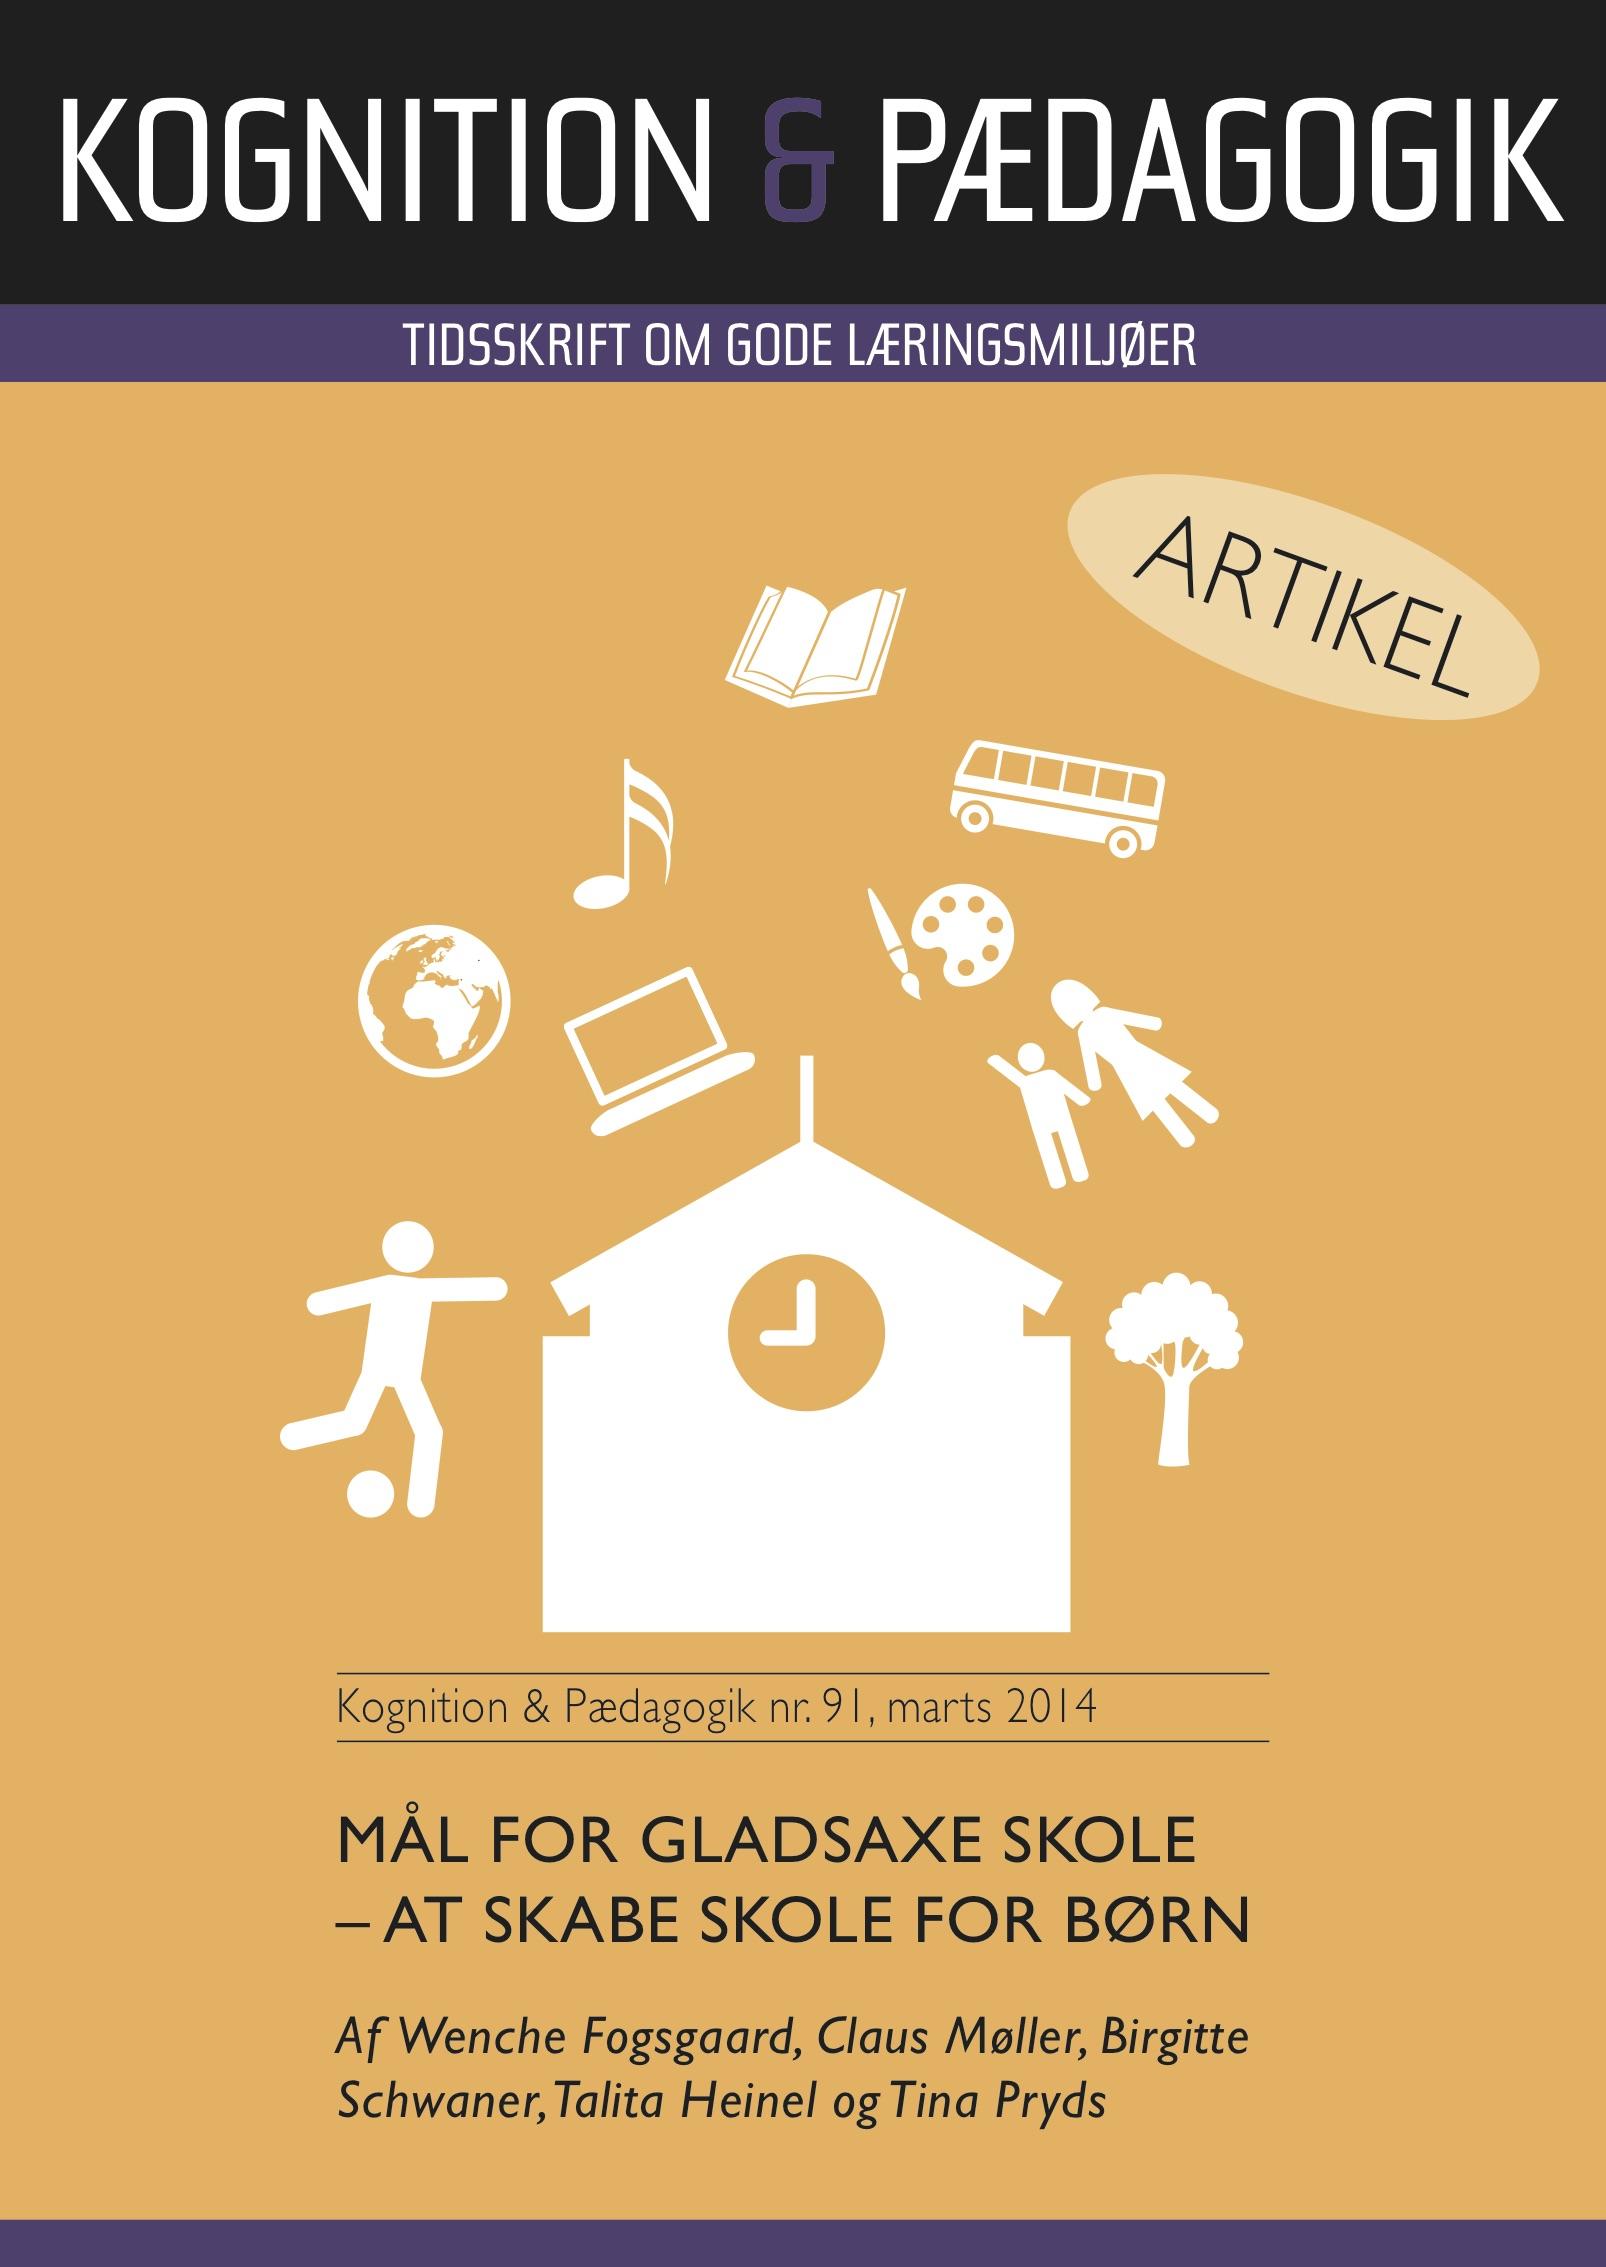 N/A Mål for gladsaxe skole - at skabe skole for børn - e-bog fra bog & mystik